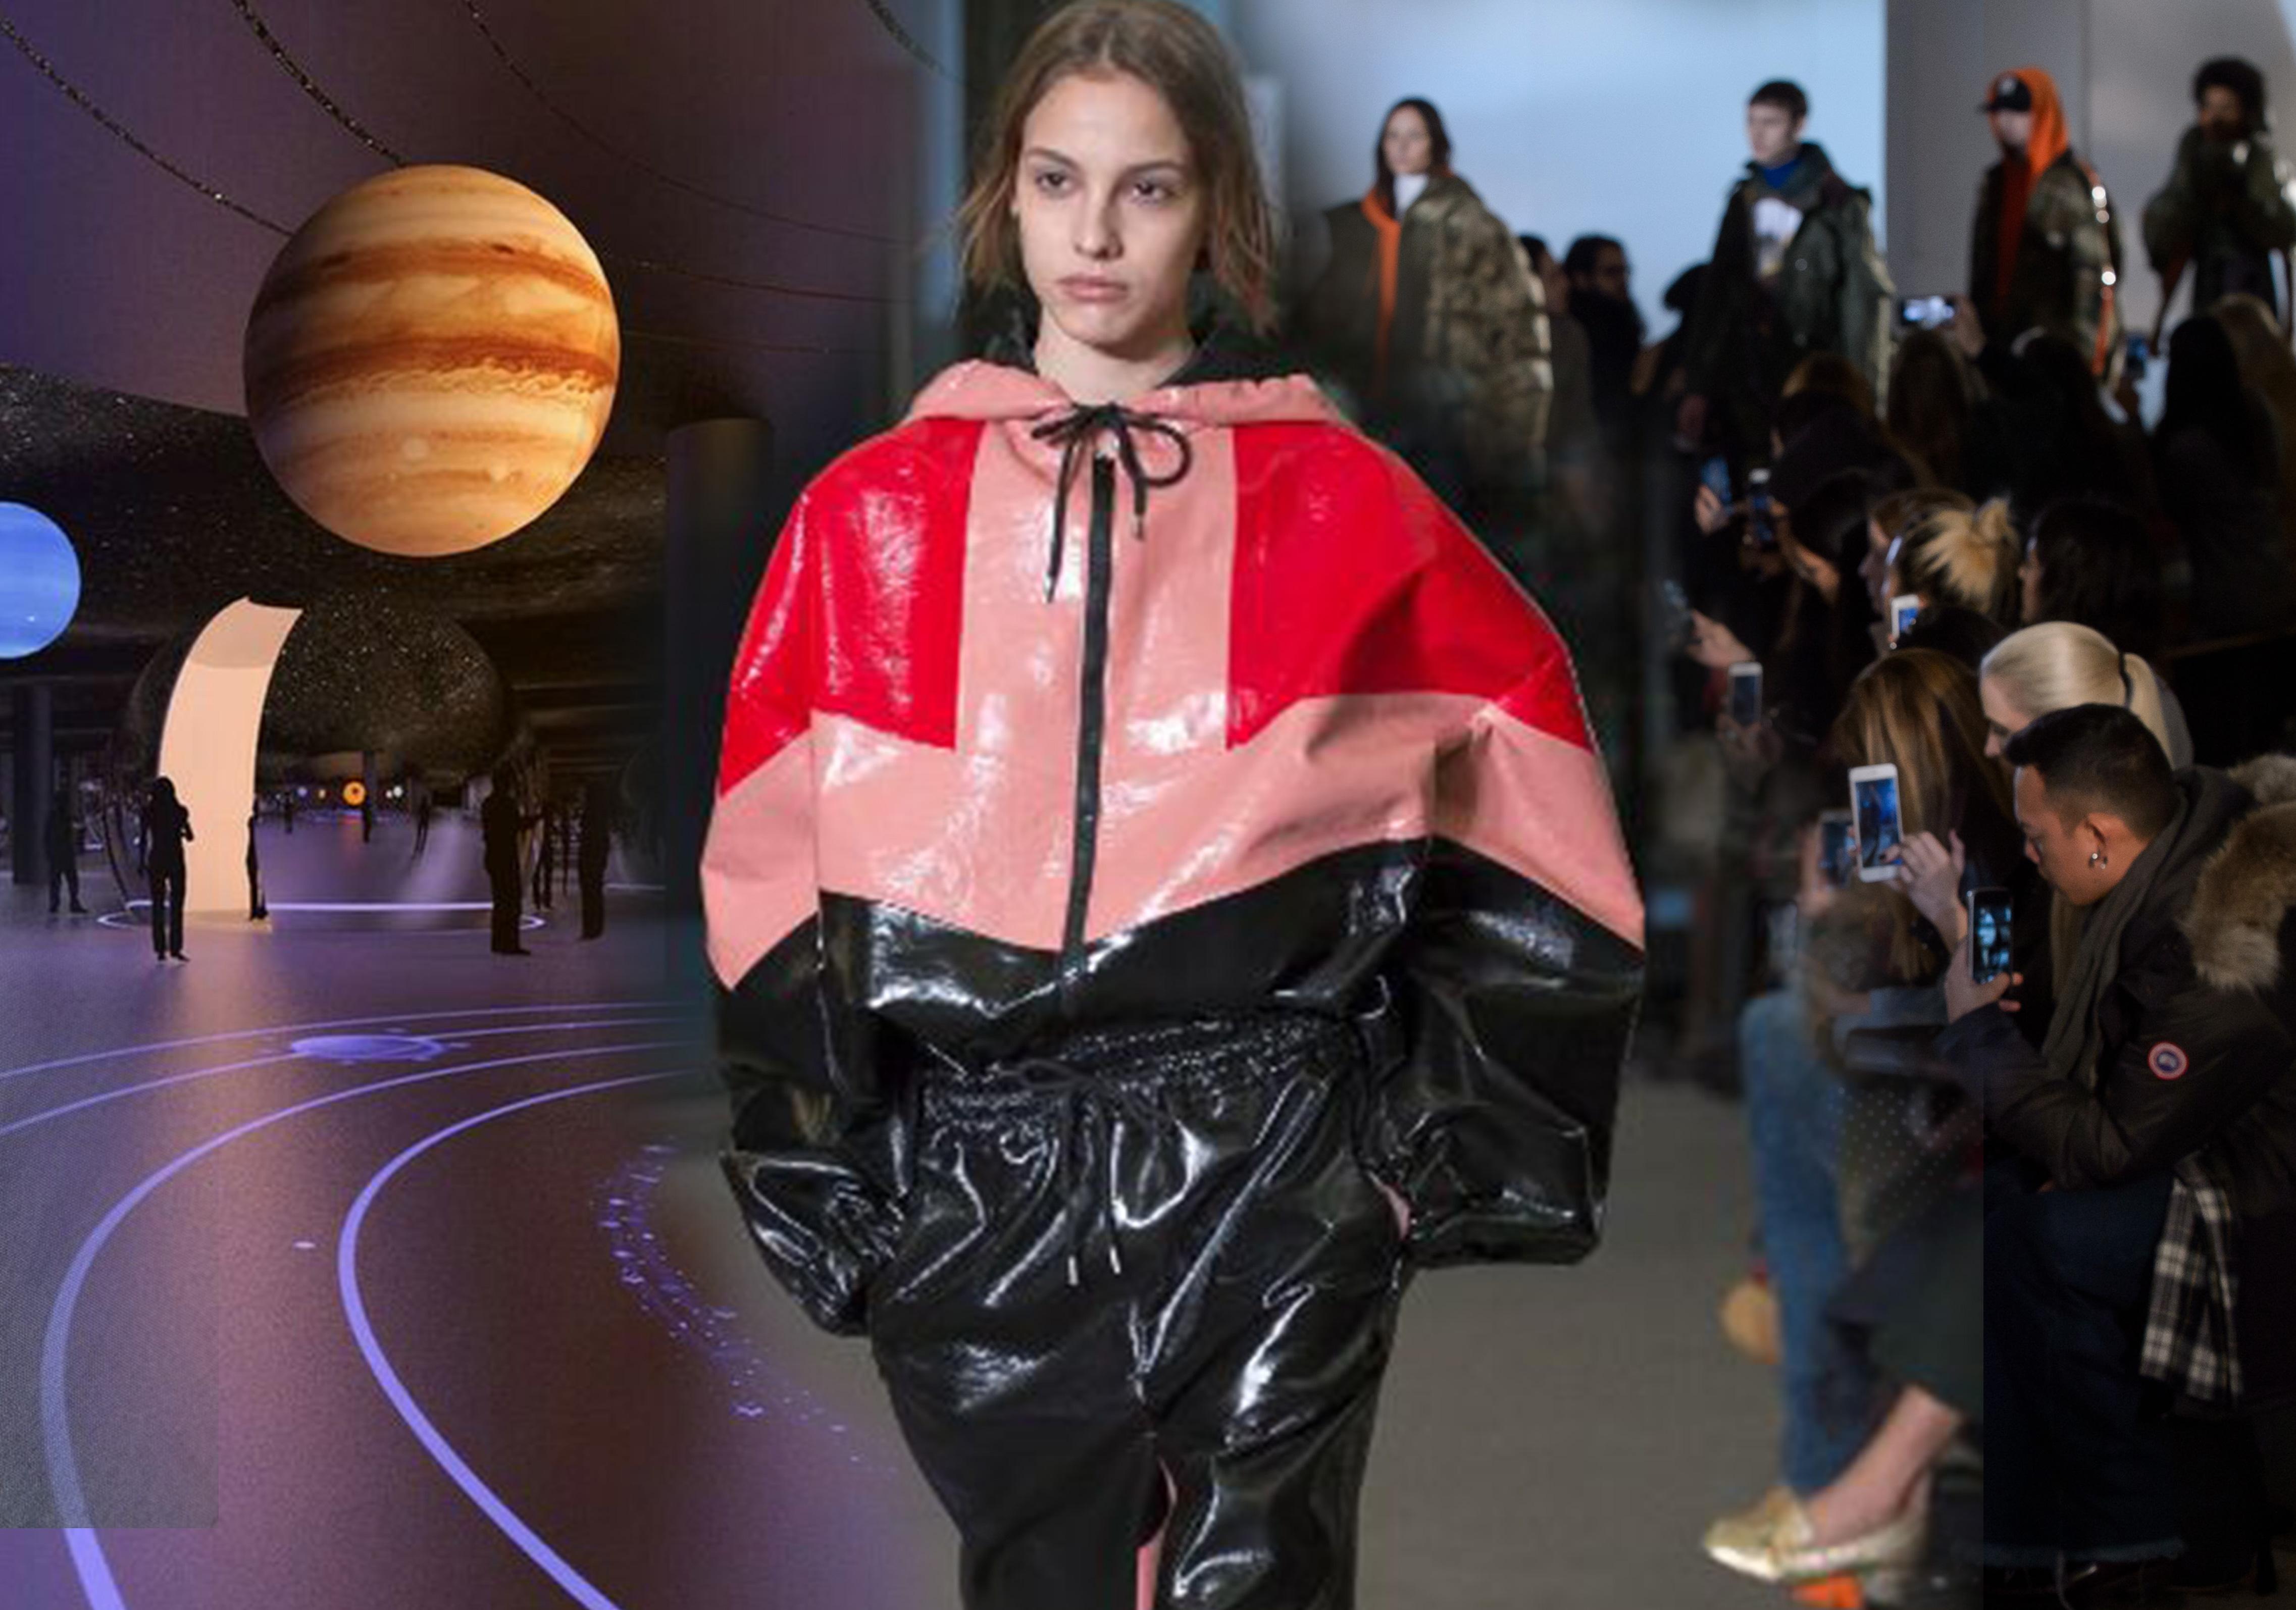 18/19秋冬和17/18秋冬相比,套裝占比明顯上升了5.87%,時尚運動類套裝較為突出,功能戶外運動與時尚運動已成為男女穿搭的重要套裝之一。